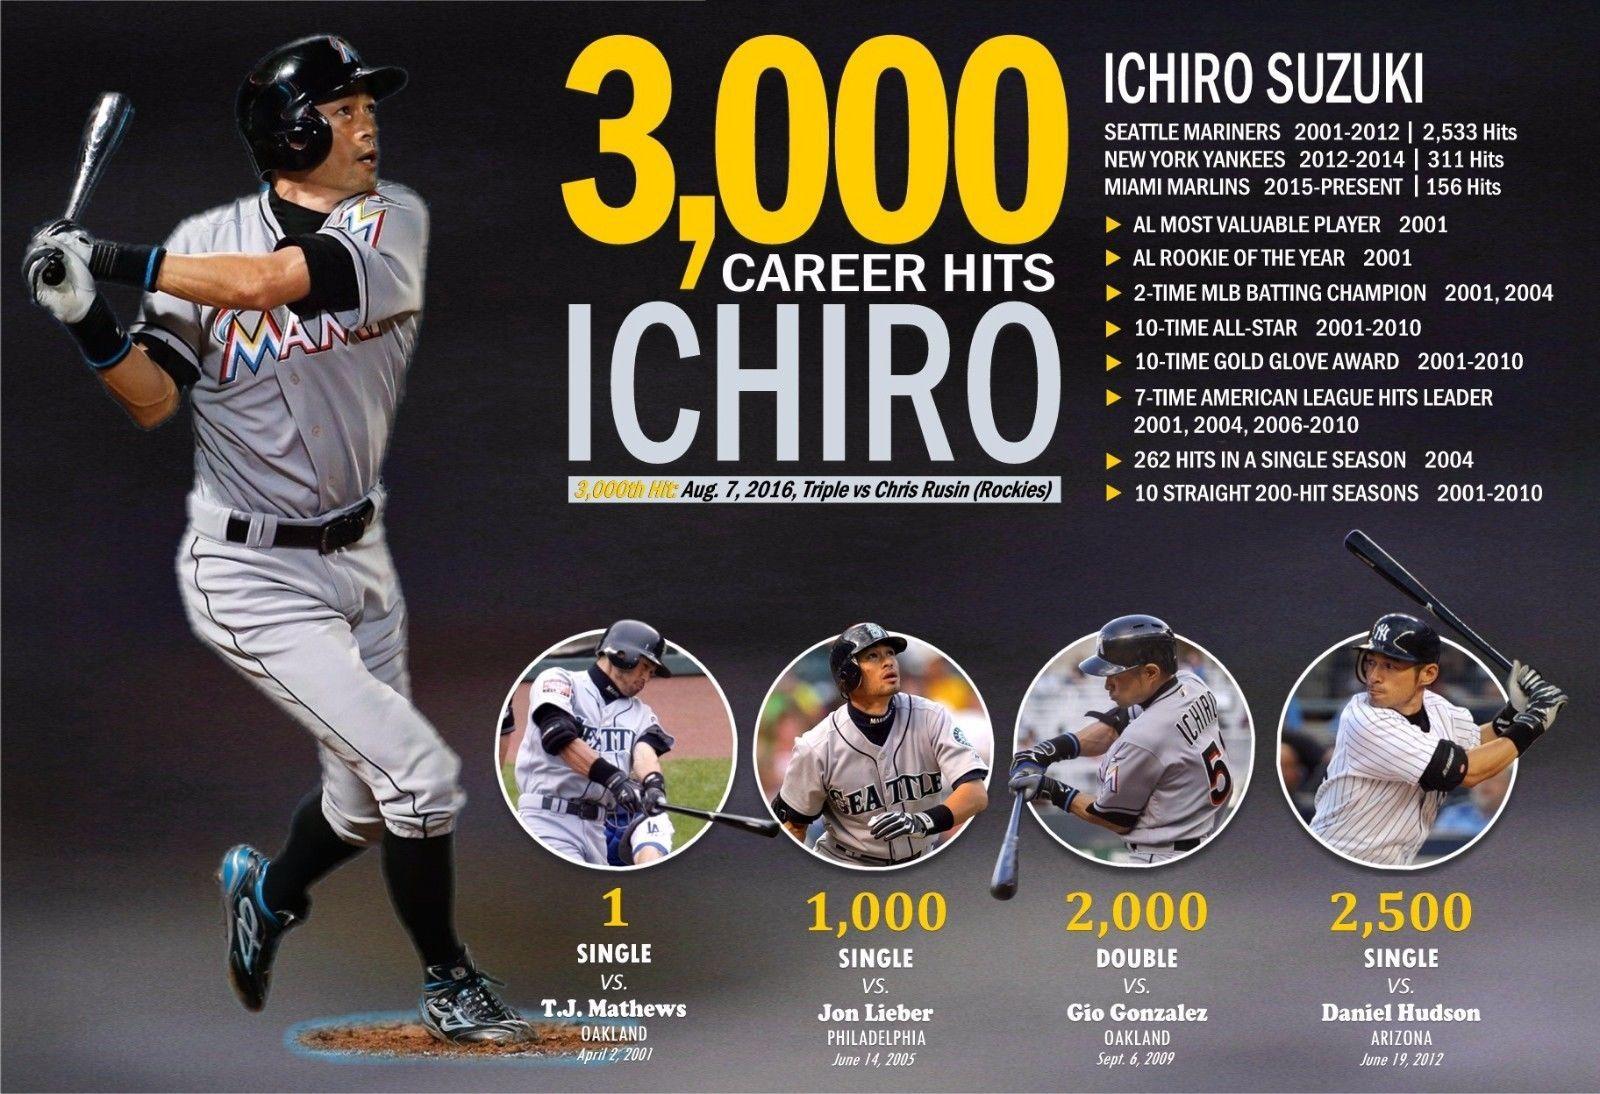 How Tall Is Ichiro Suzuki